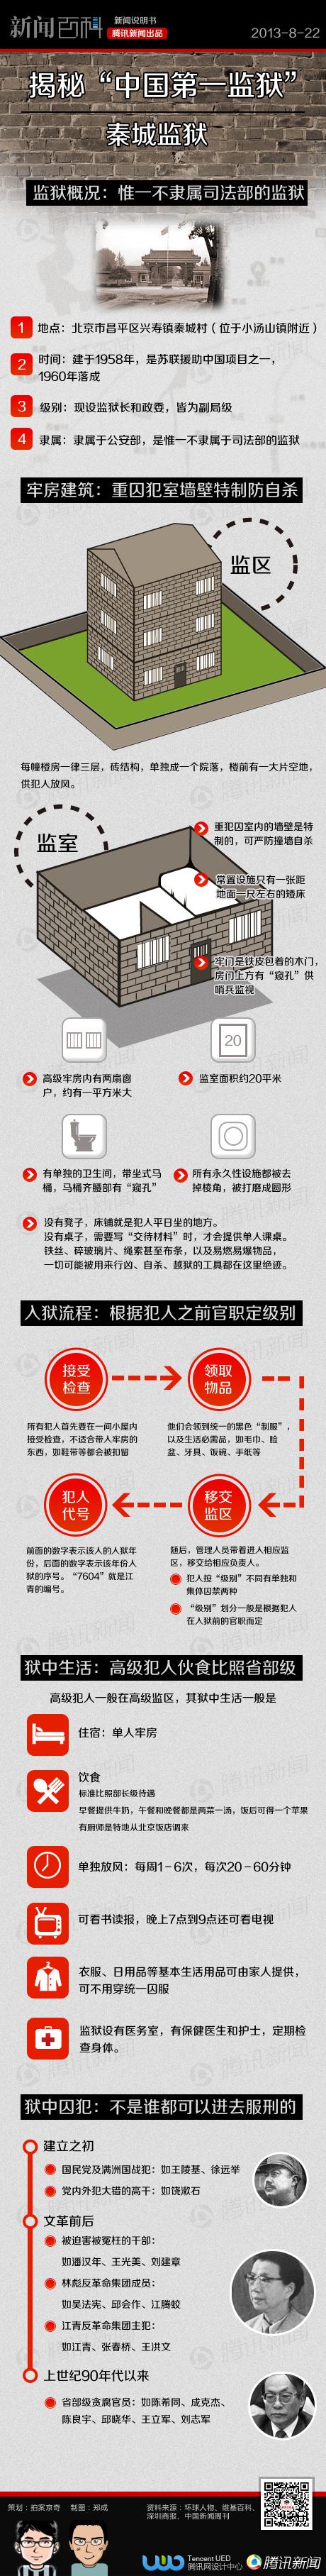 """图解""""中国第一监狱""""-秦城监狱 - 南阳-憨哥 - 南阳-憨哥"""